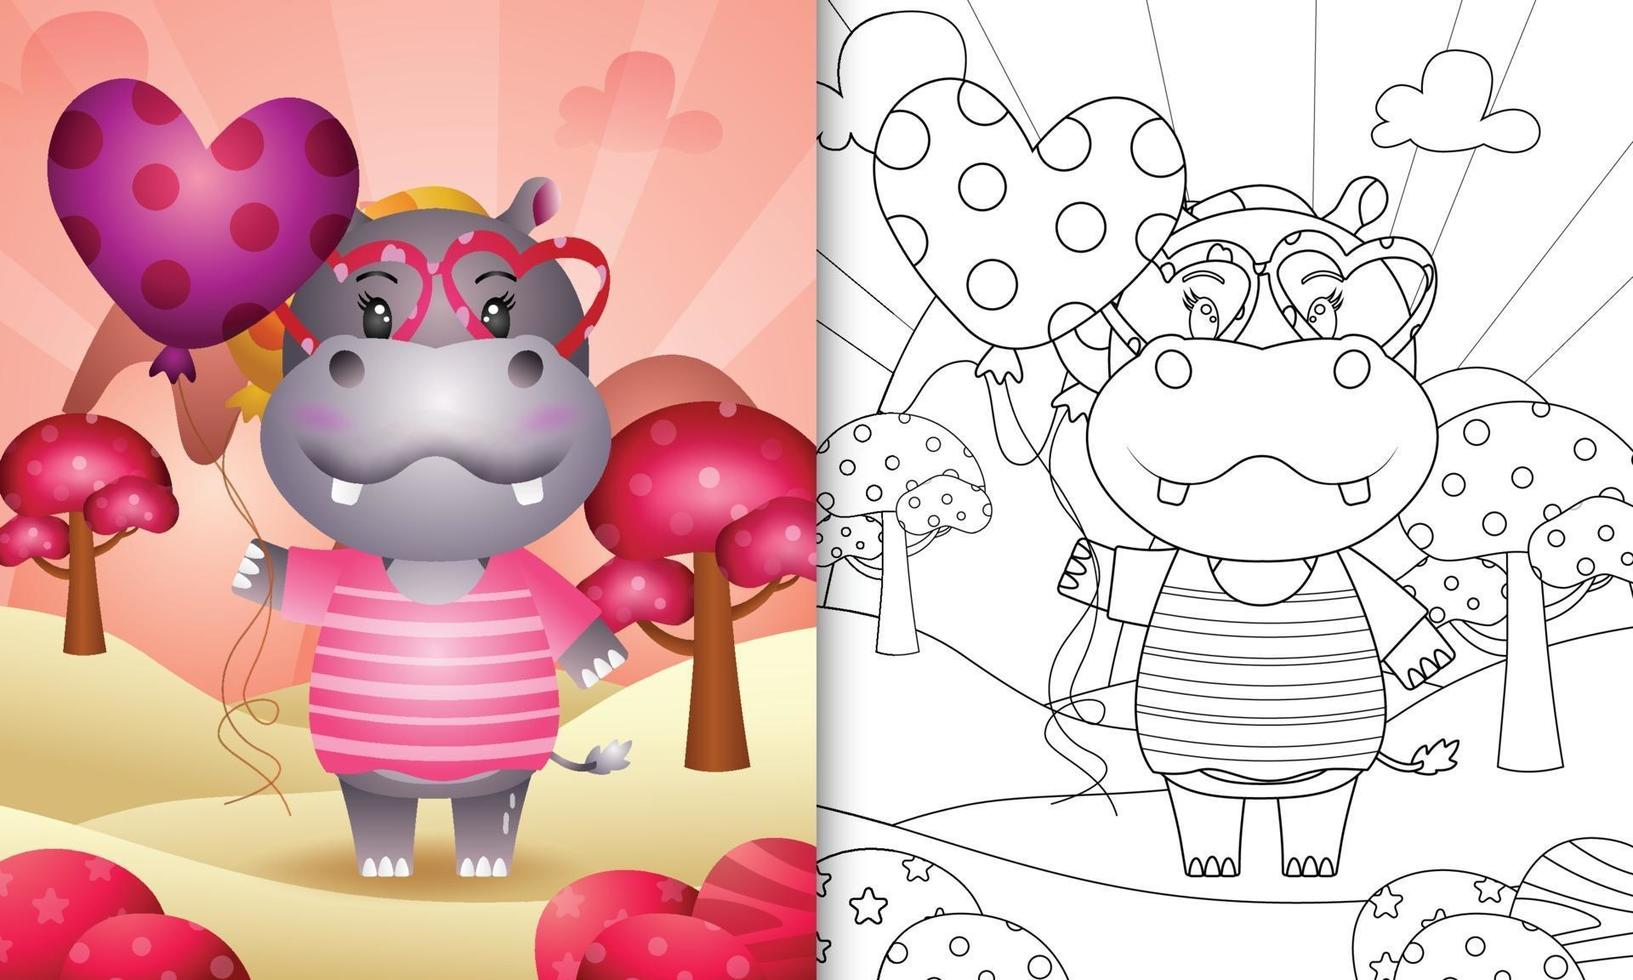 livre de coloriage pour les enfants avec un joli ballon tenant un hippopotame pour la Saint Valentin vecteur